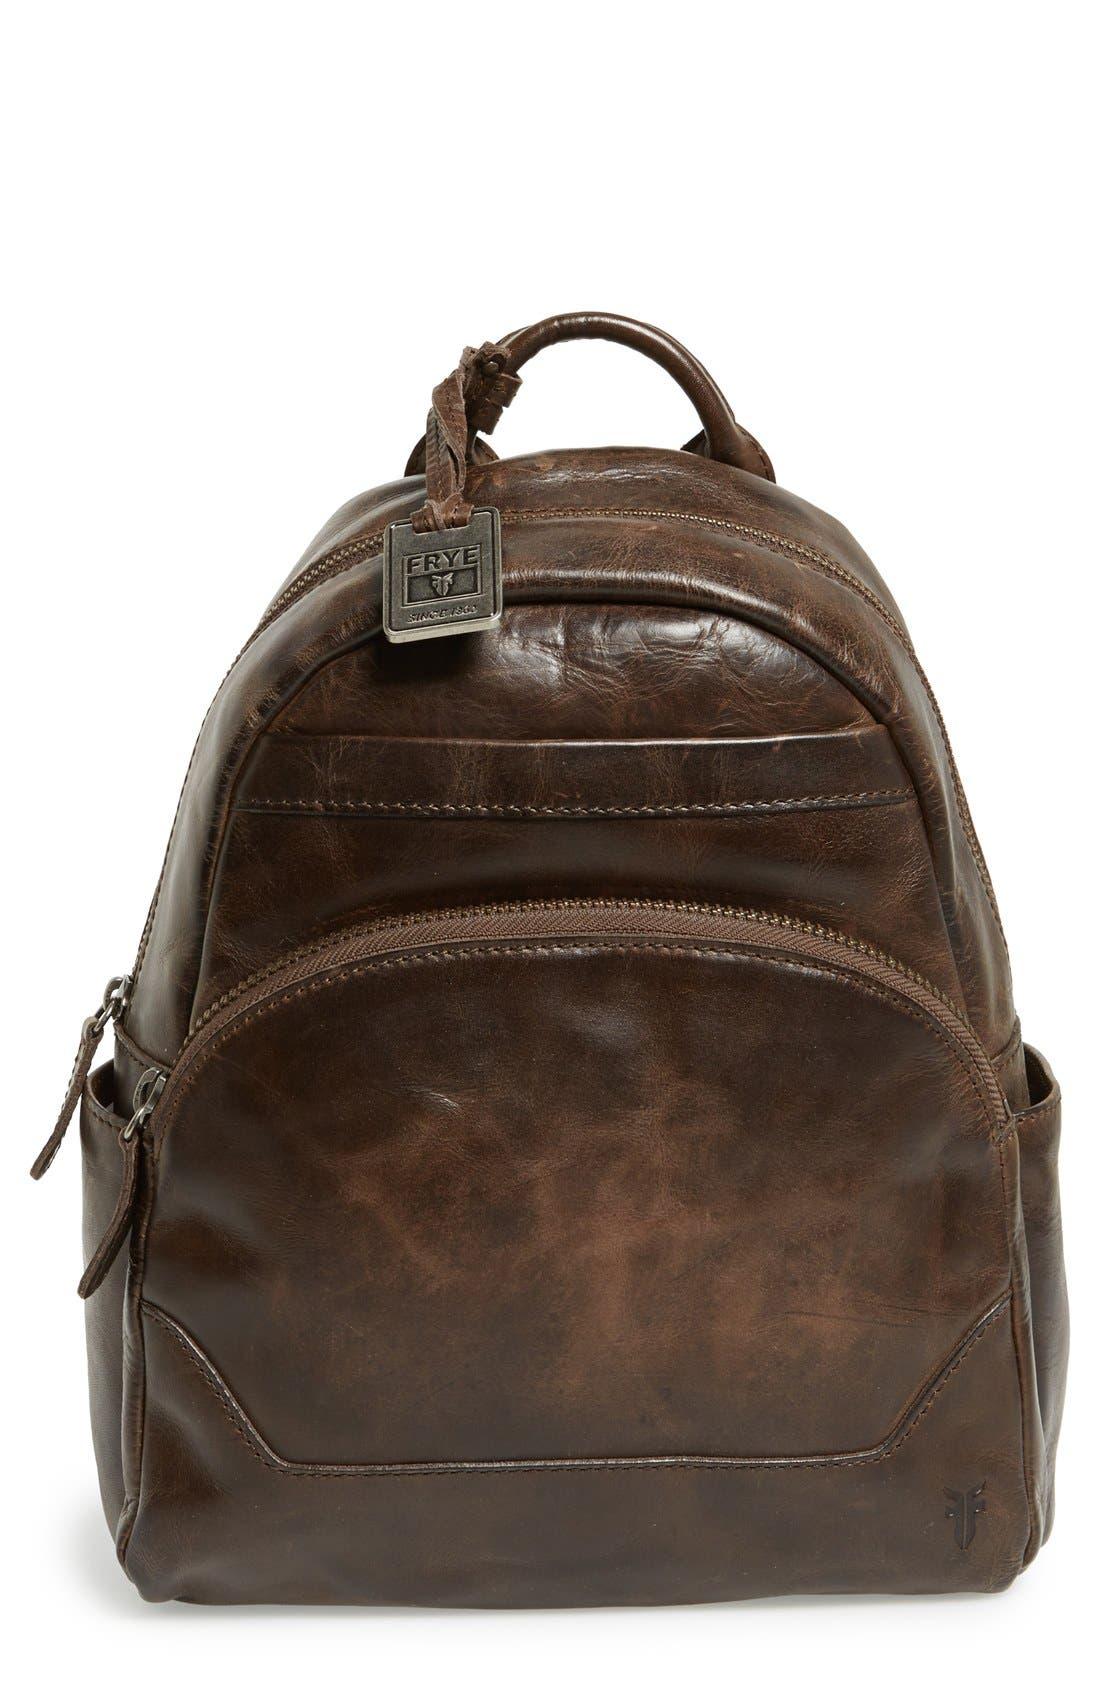 FRYE,                             'Melissa' Backpack,                             Main thumbnail 1, color,                             020